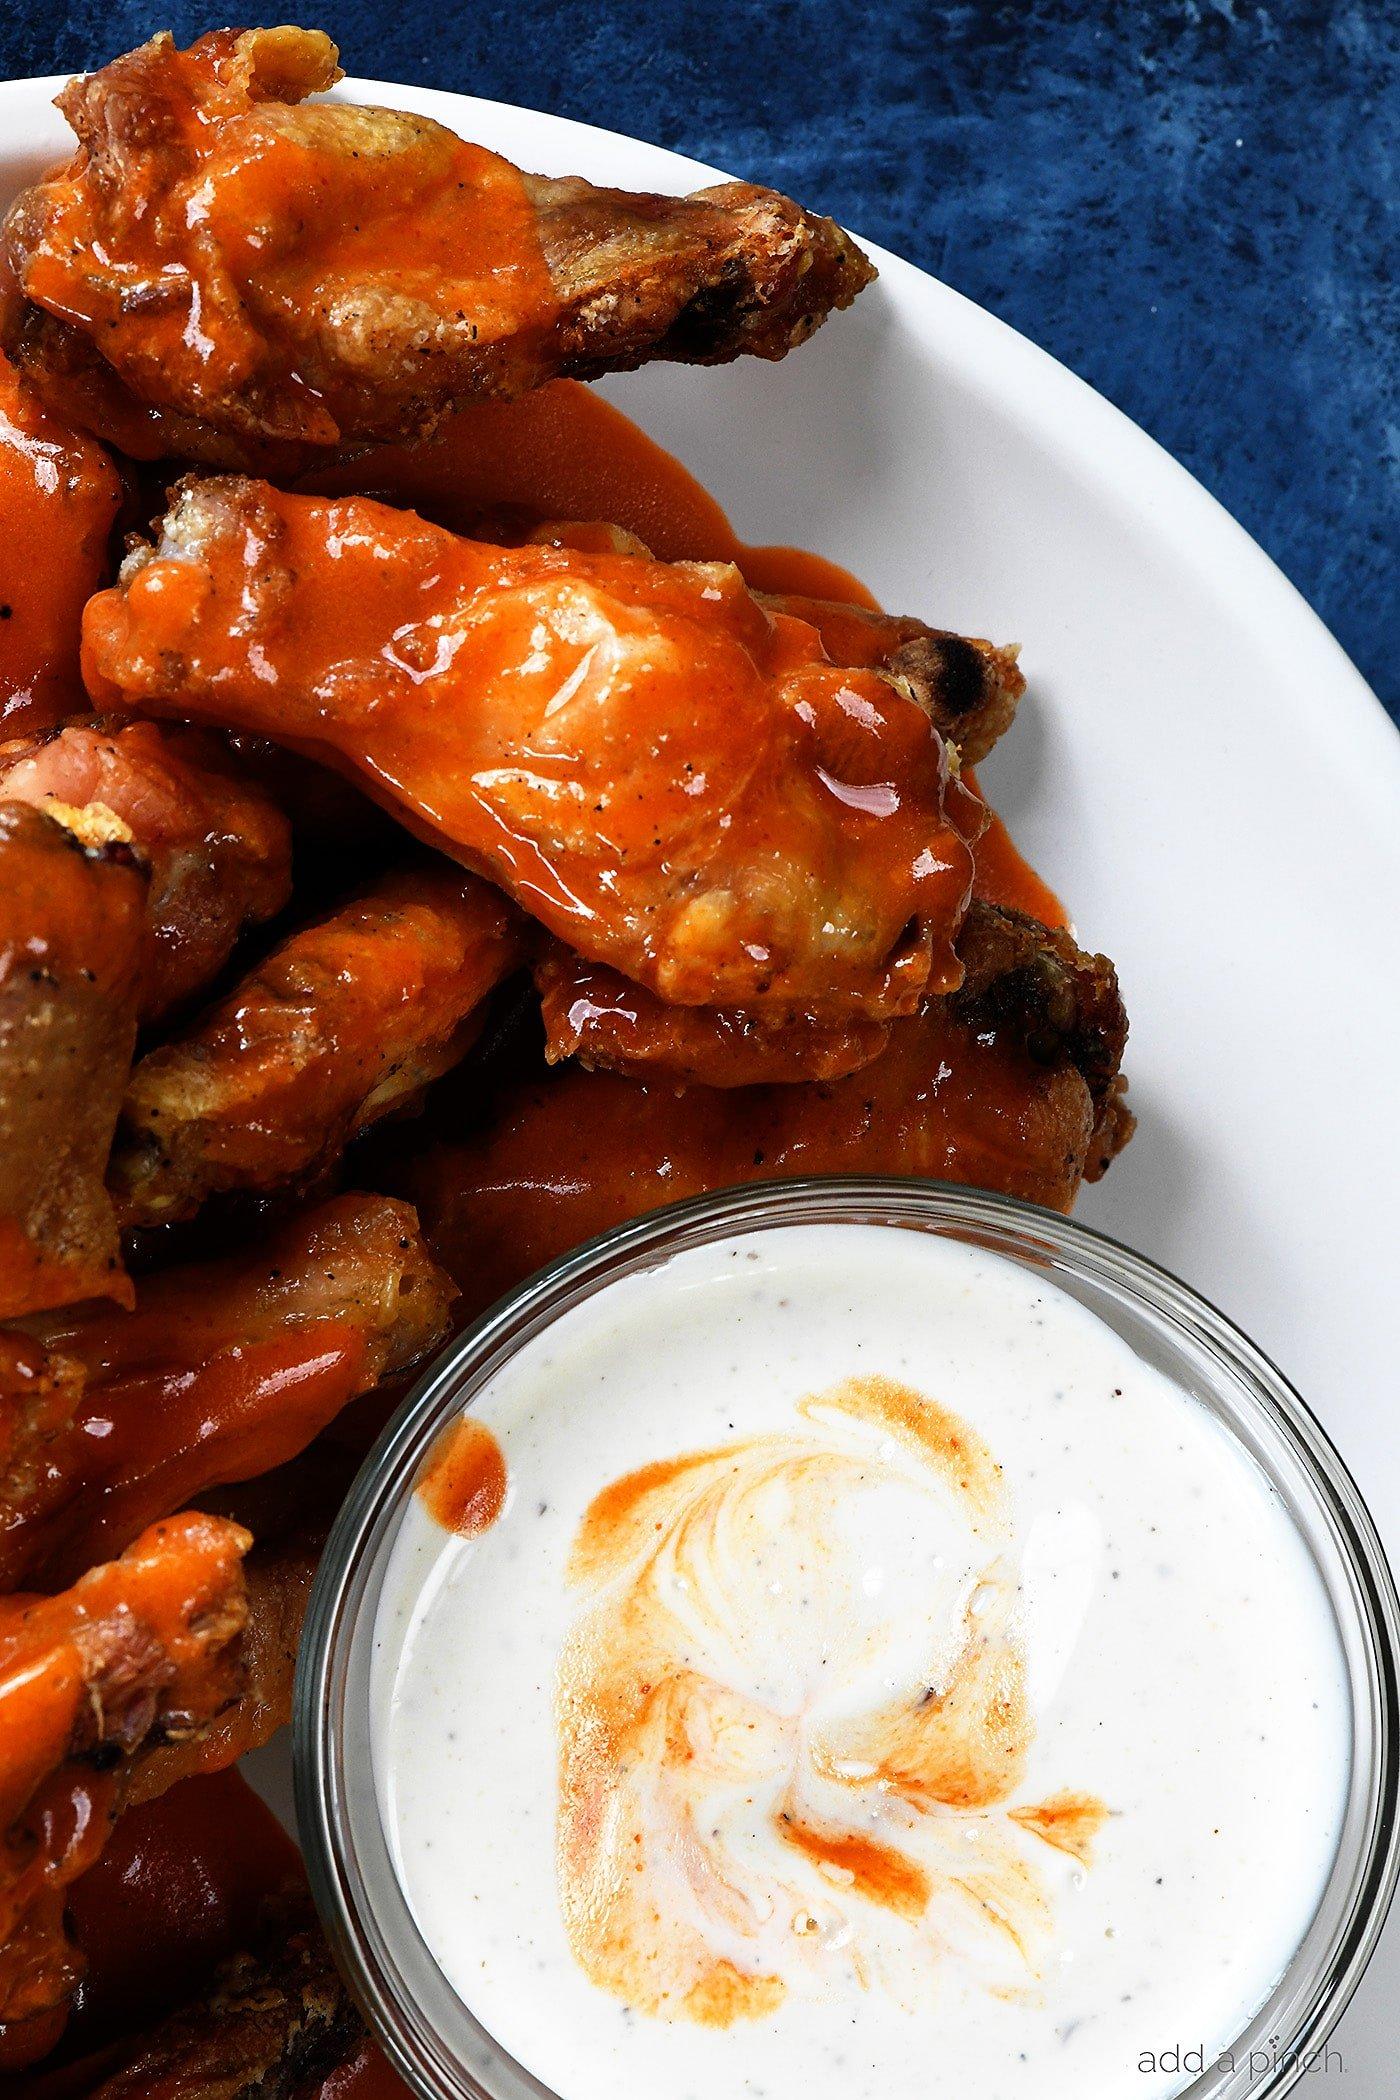 Baked Crispy Buffalo Chicken Wings Recipe Add A Pinch